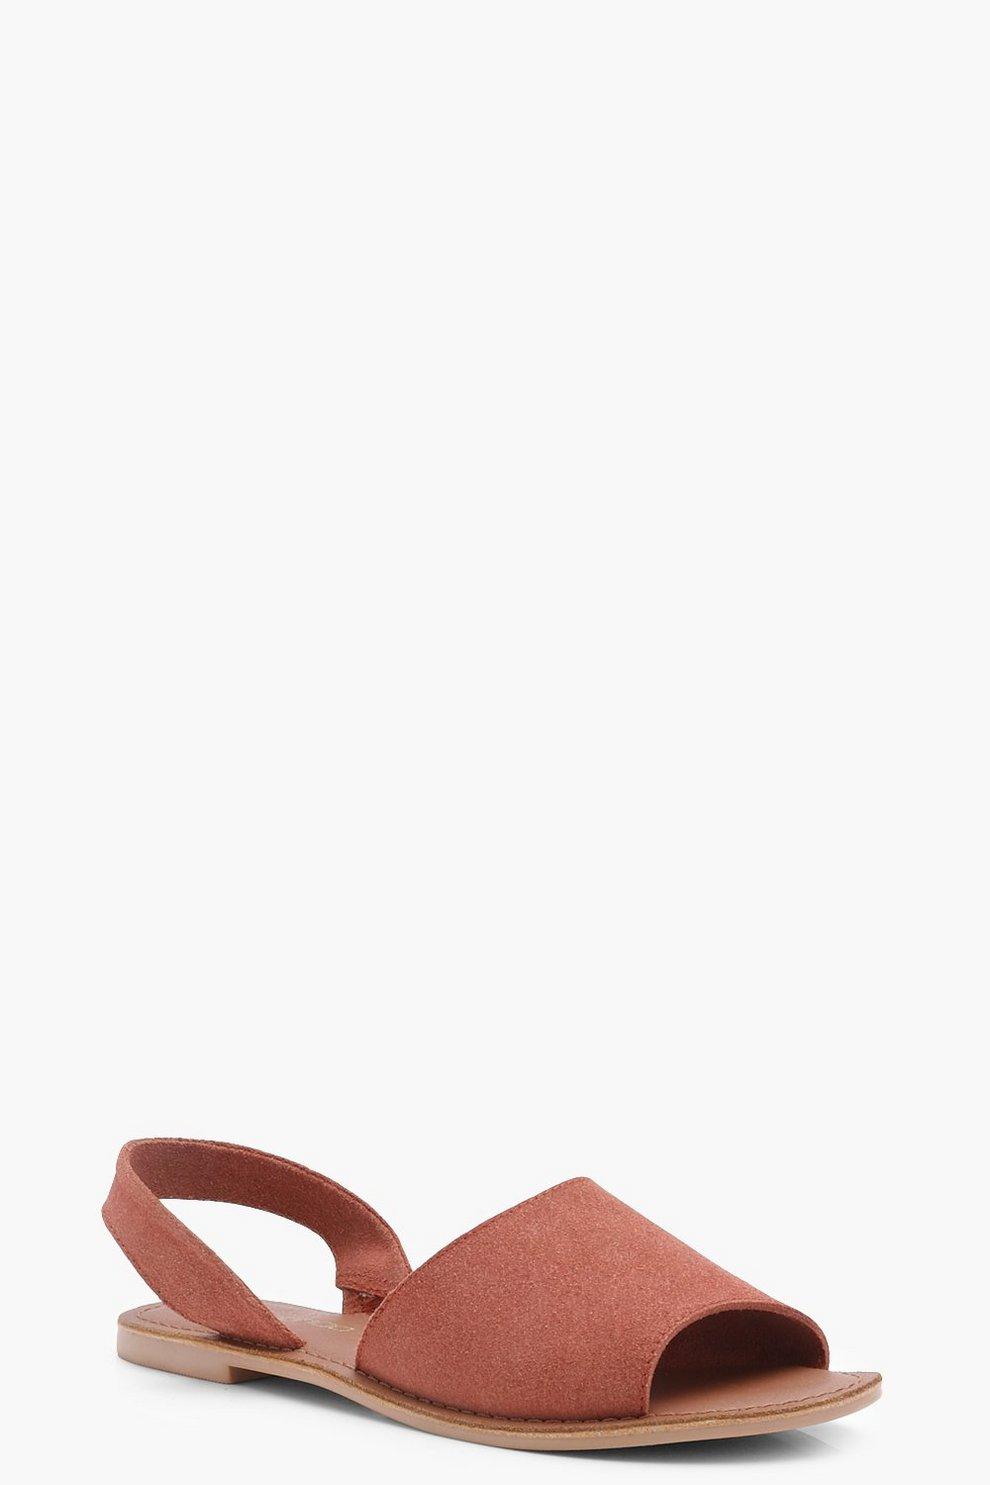 7ee8ec101bdd7 Boutique 2 Part Peeptoe Suede Sandals